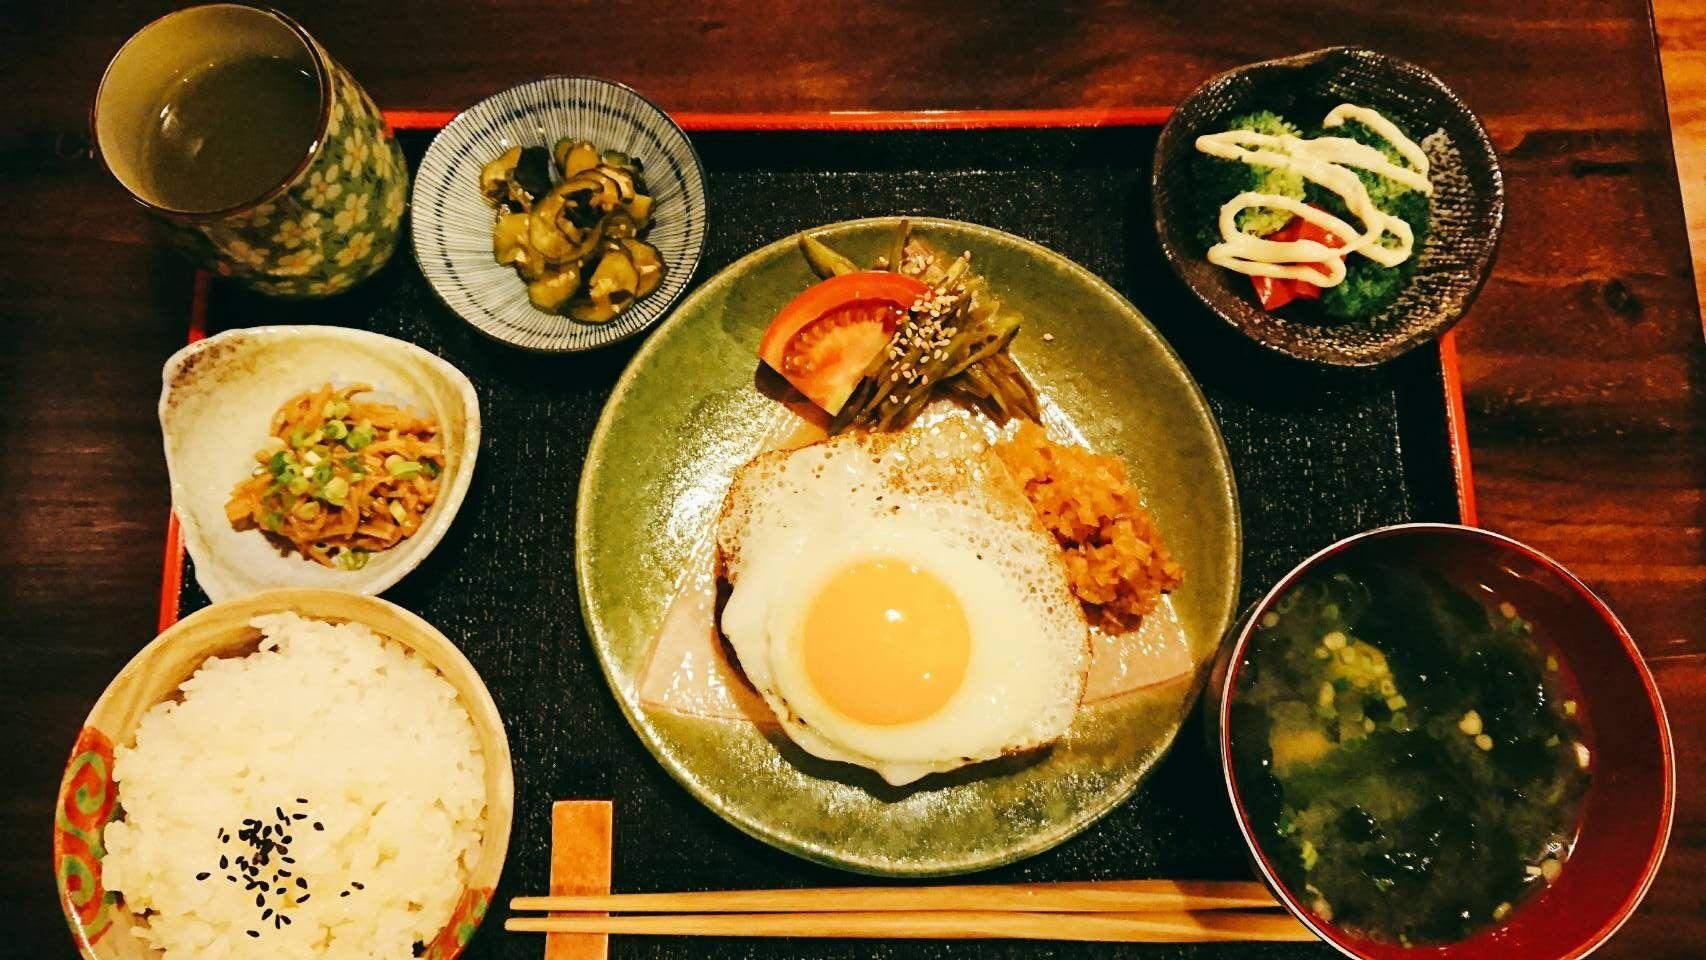 【花蓮市區】神田屋|美味漢堡排X溫馨家庭餐館